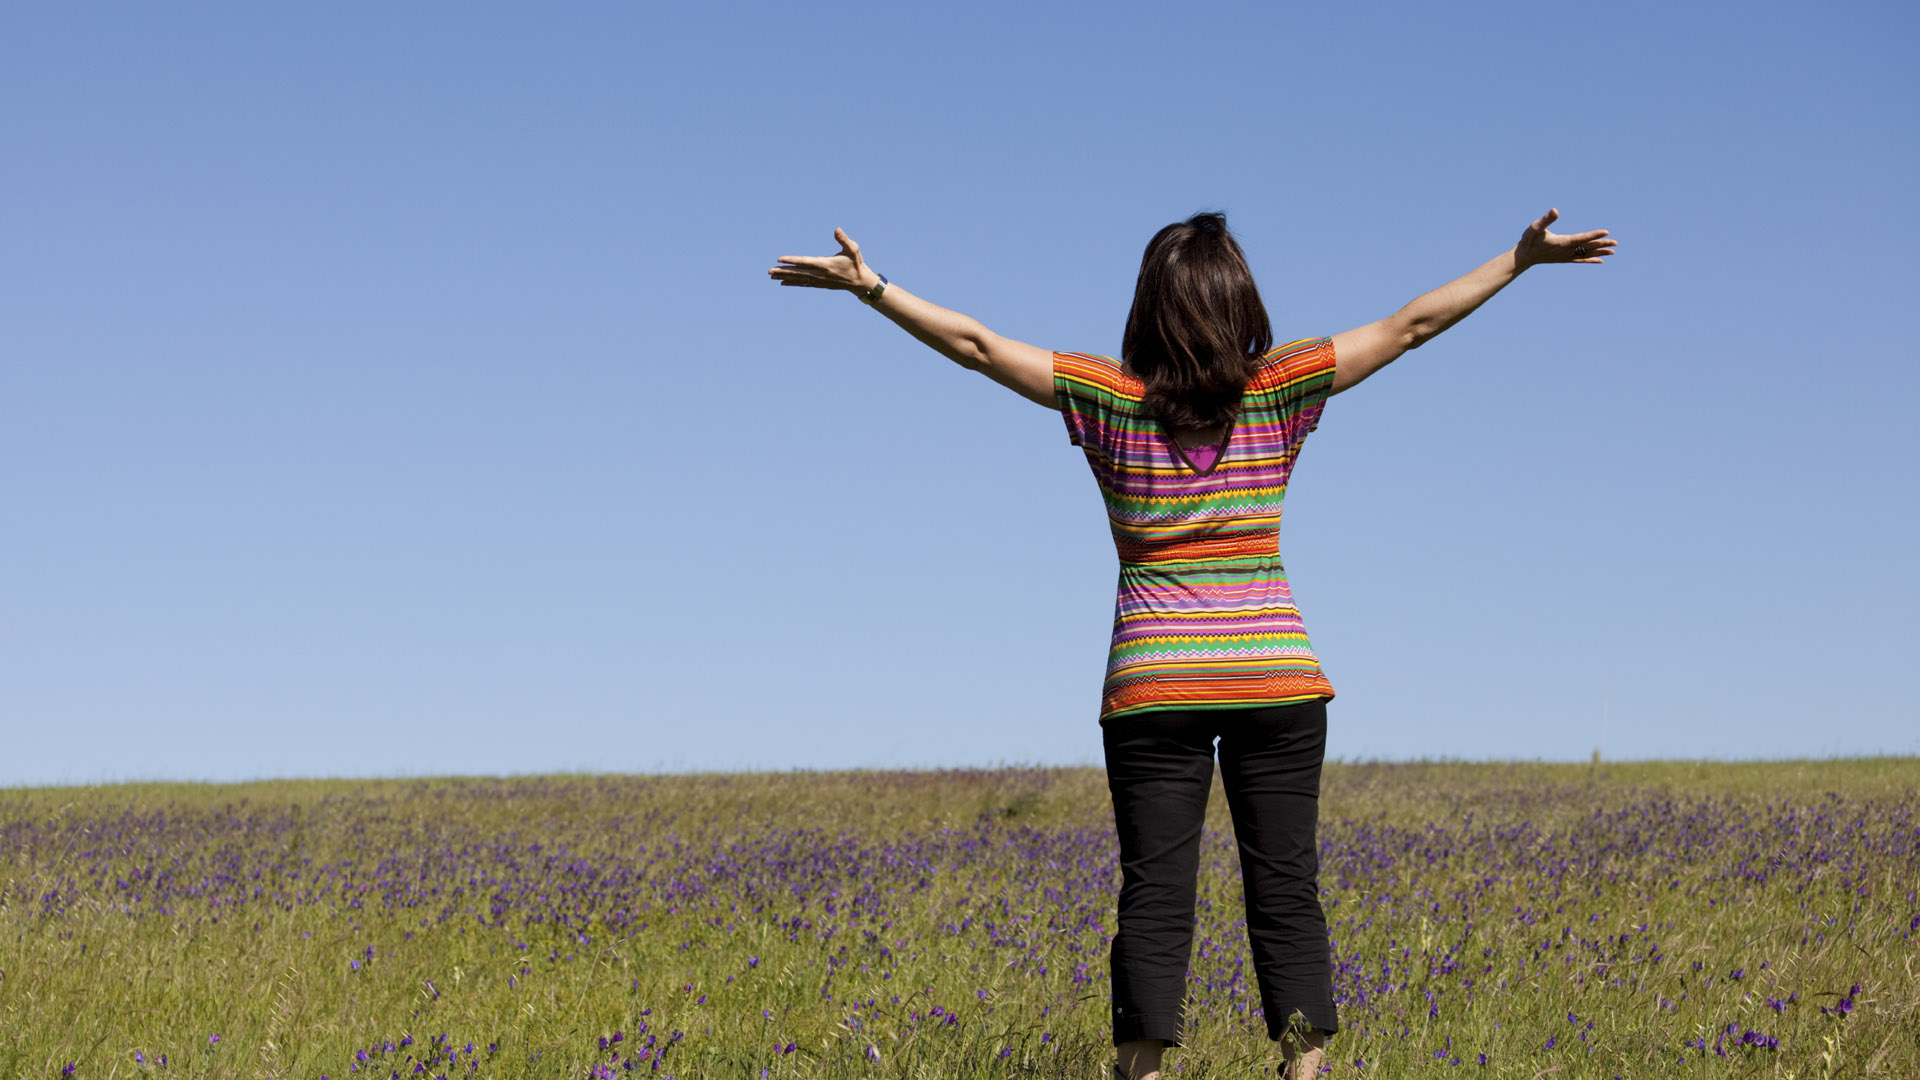 Pasar tiempo con uno mismo es muy beneficioso porque permite la reflexión y el autodescubrimiento